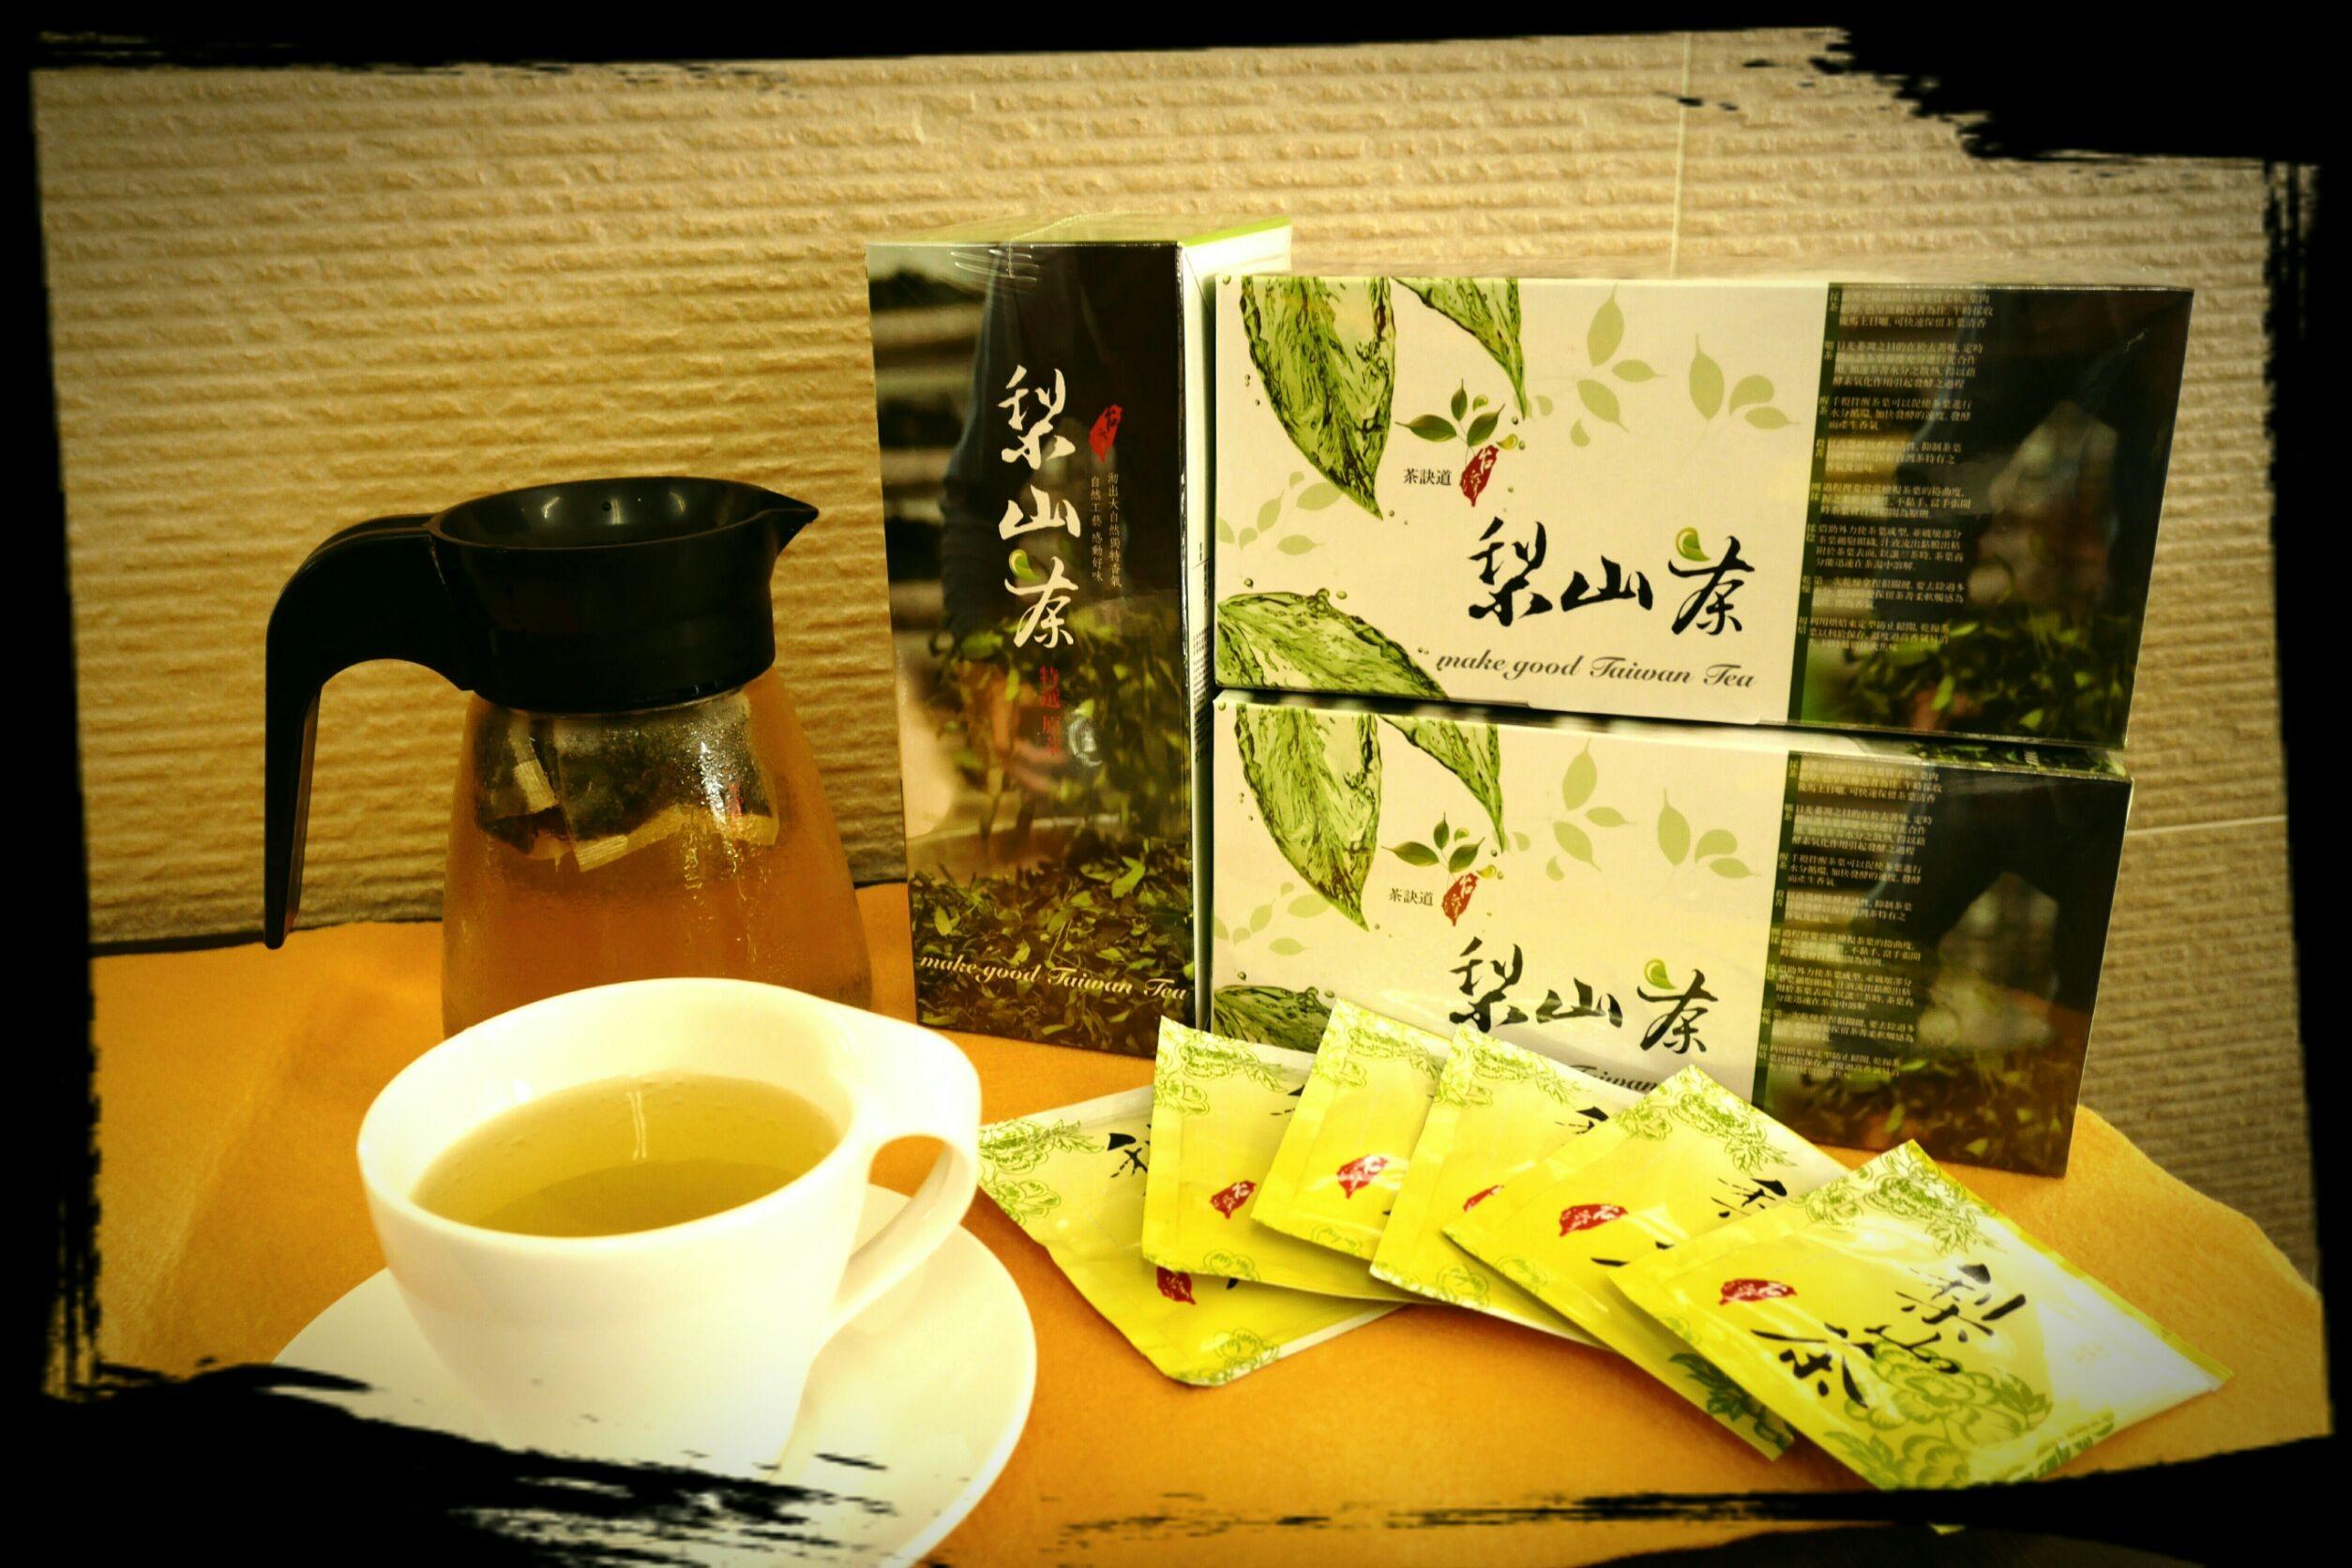 嚴選梨山茶